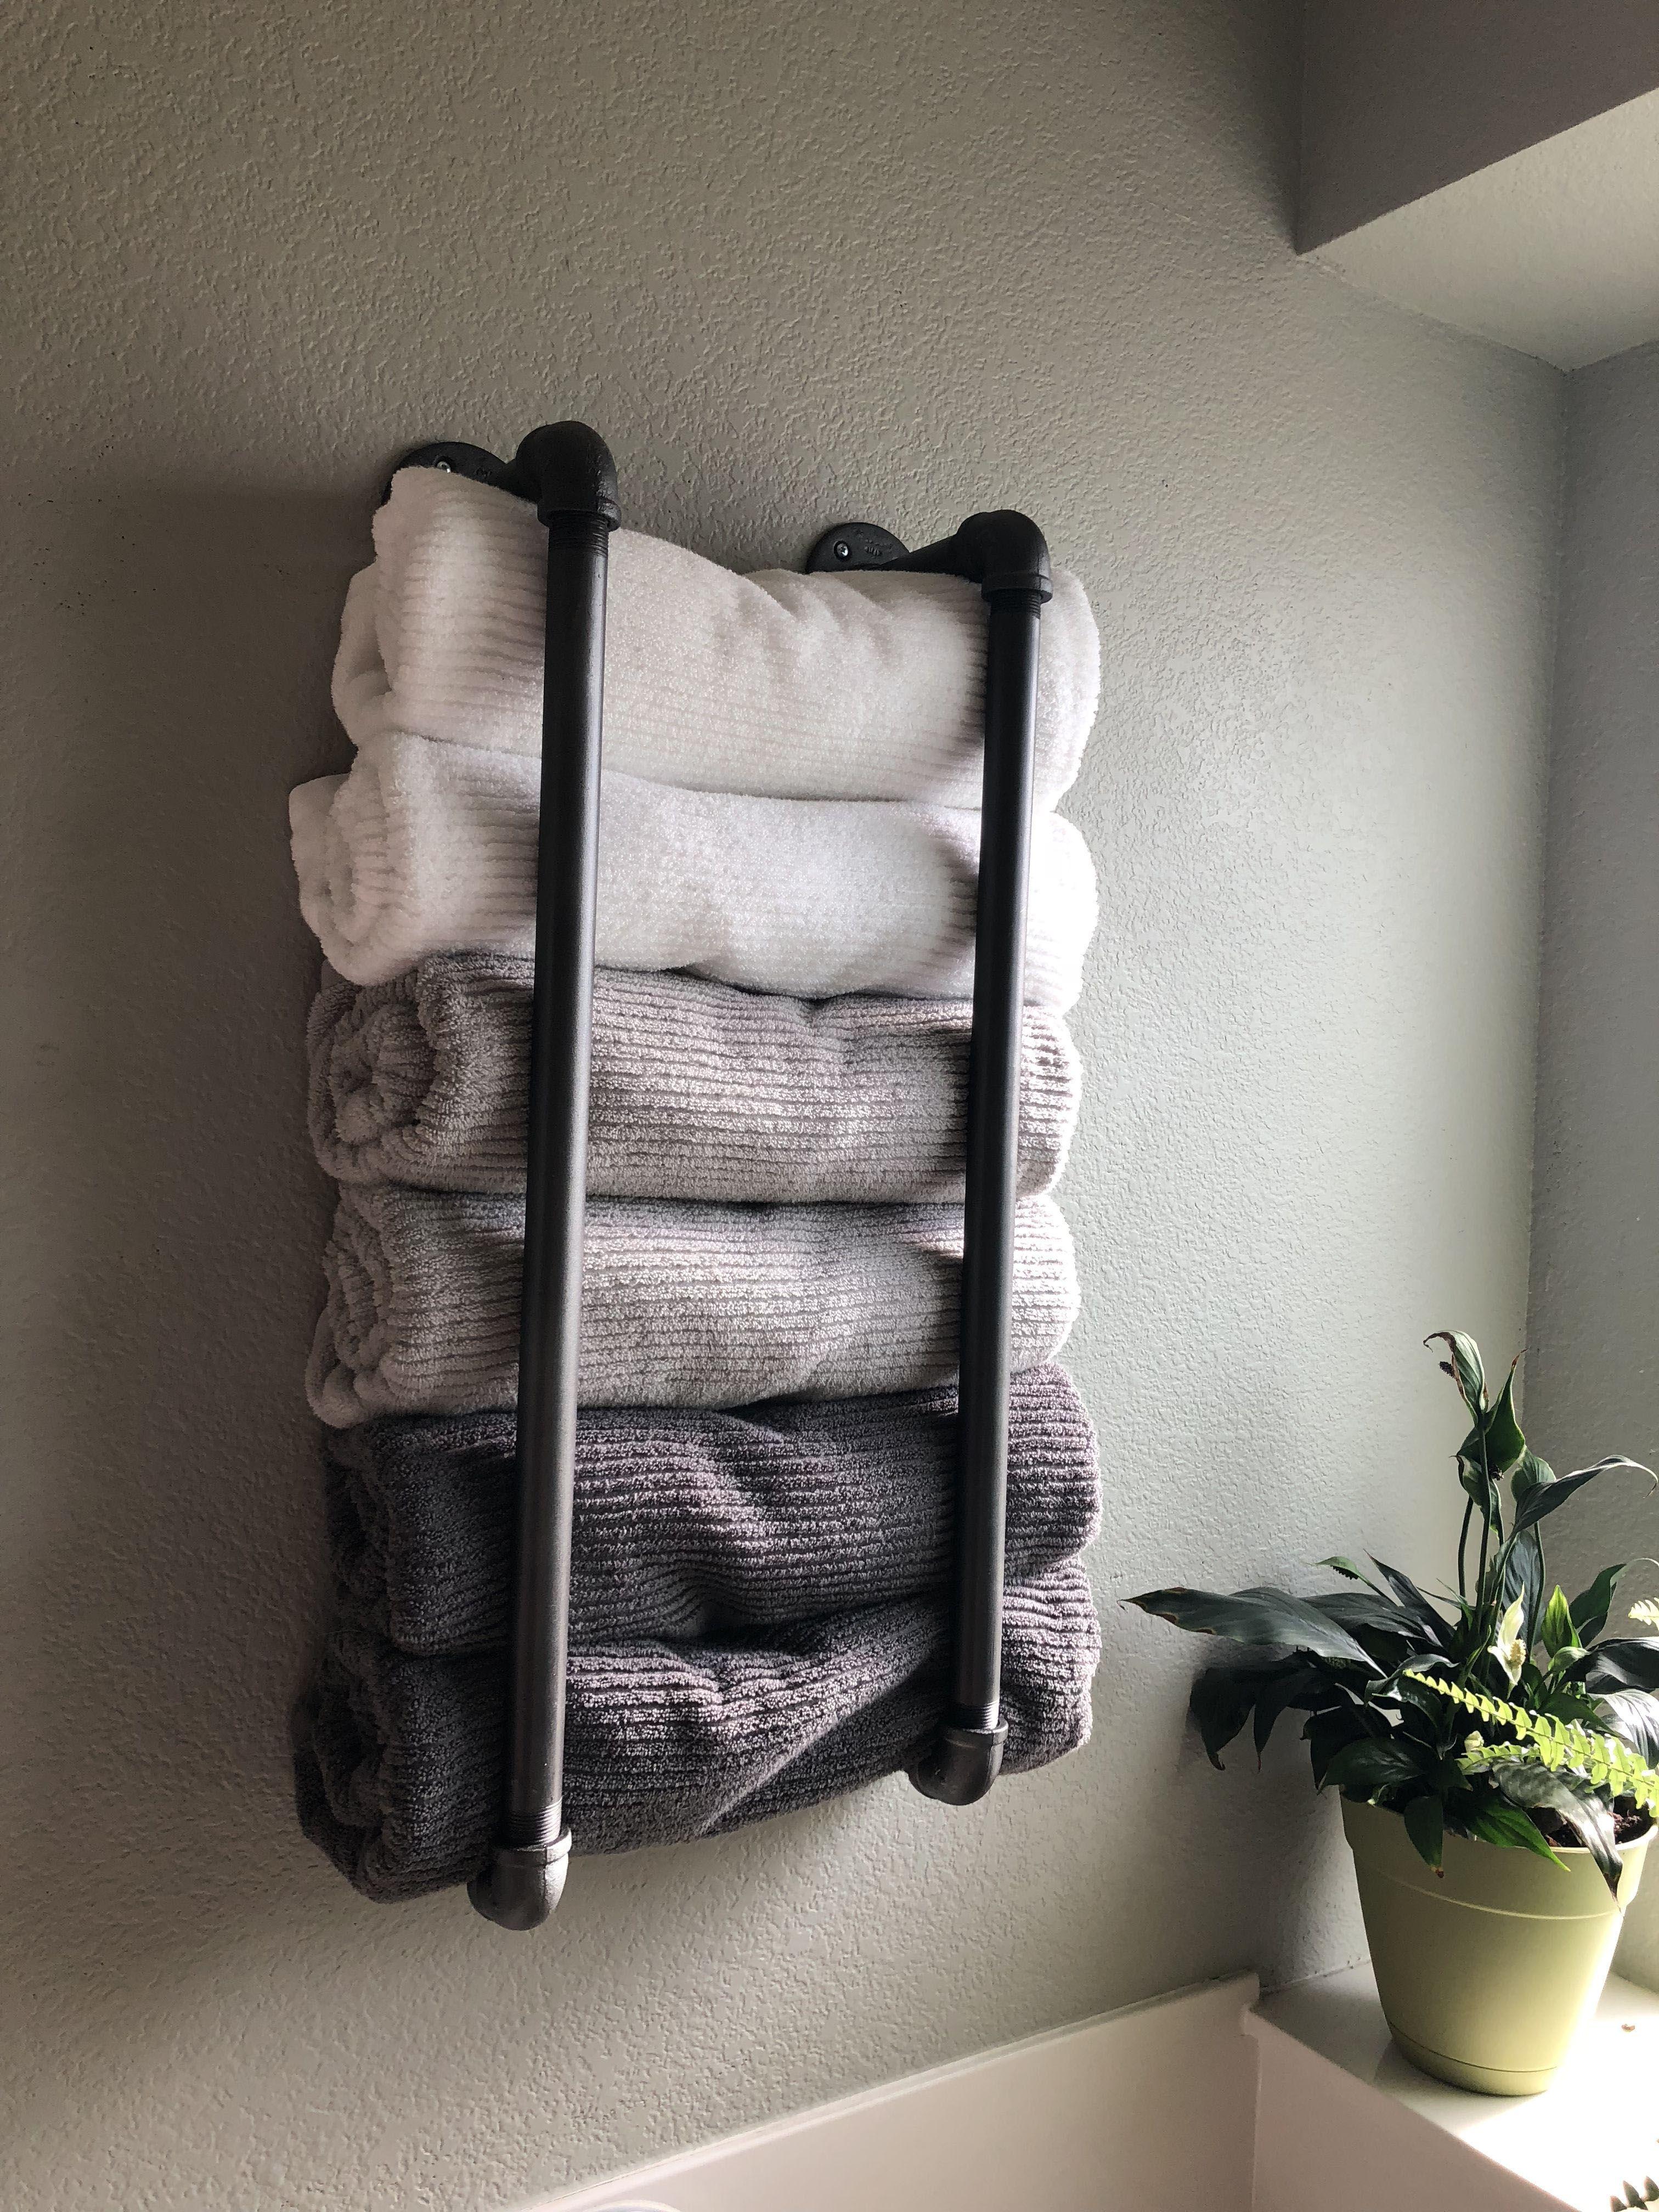 20 Bathroom Towel Rack Ideas Magzhouse, Bathroom Shelves With Towel Bar Ideas